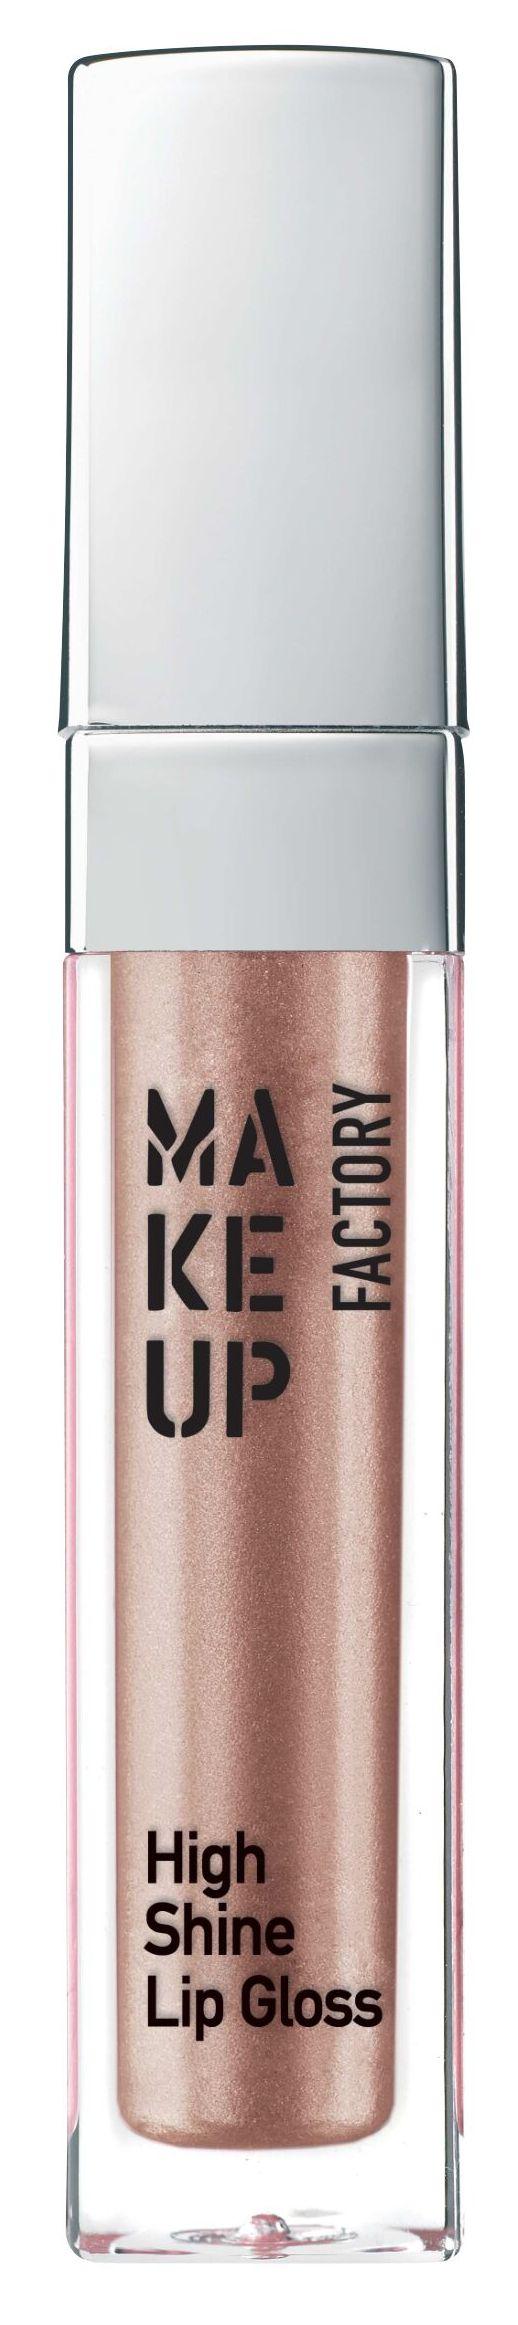 MAKE UP FACTORY Блеск с эффектом влажных губ, 14 радужное мерцание / High Shine Lip Gloss 6,5 мл фото